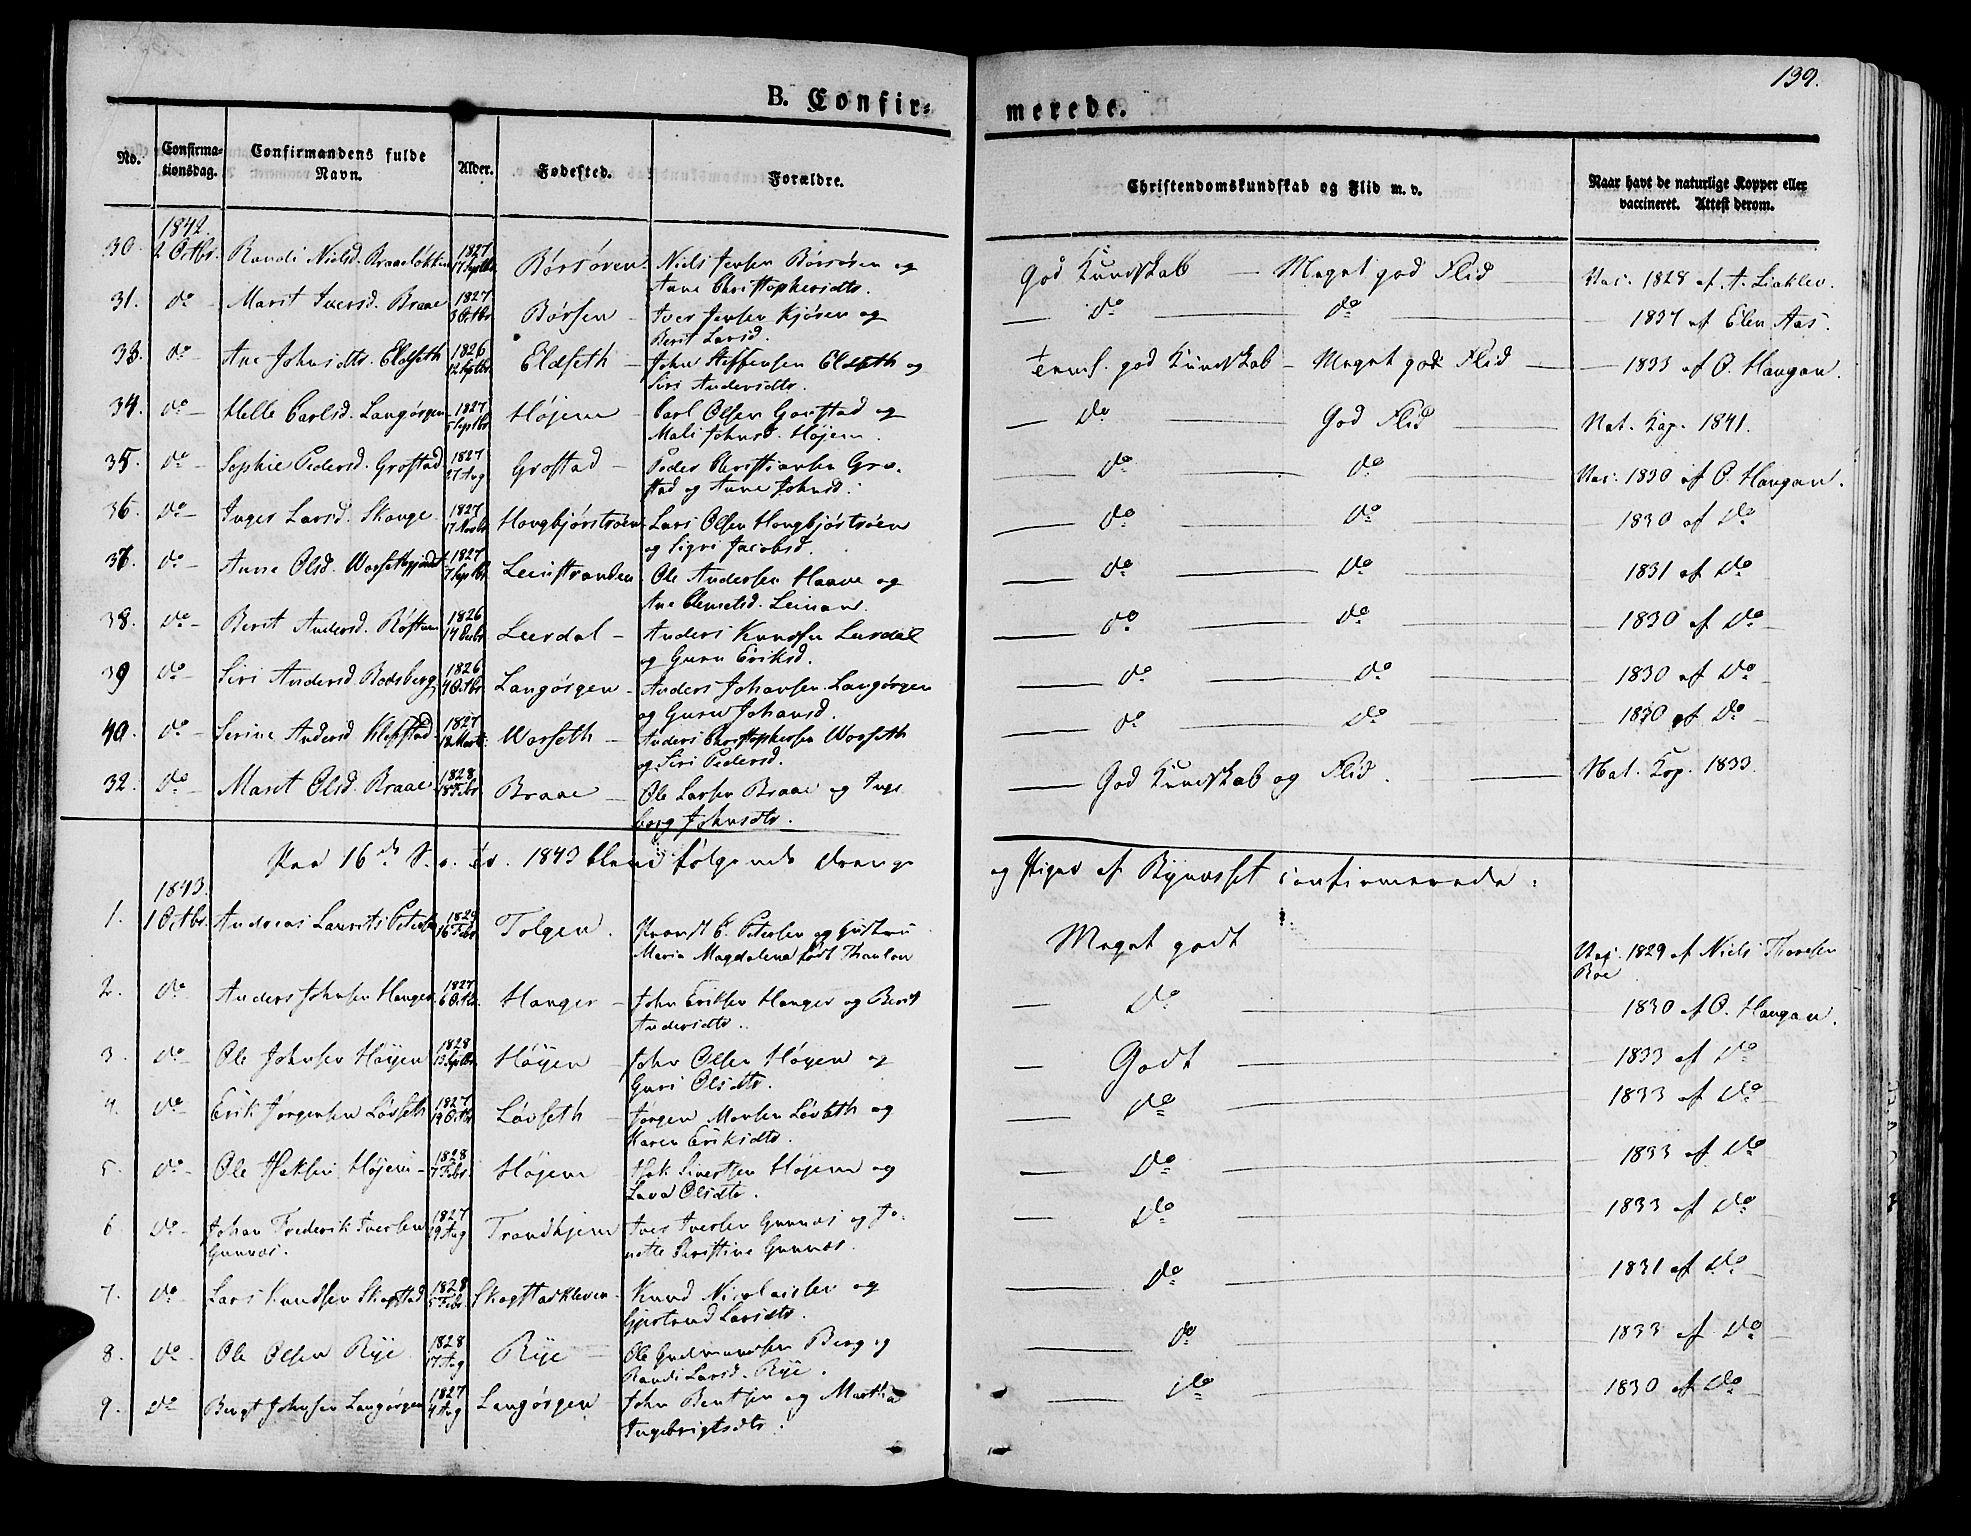 SAT, Ministerialprotokoller, klokkerbøker og fødselsregistre - Sør-Trøndelag, 612/L0374: Ministerialbok nr. 612A07 /1, 1829-1845, s. 139